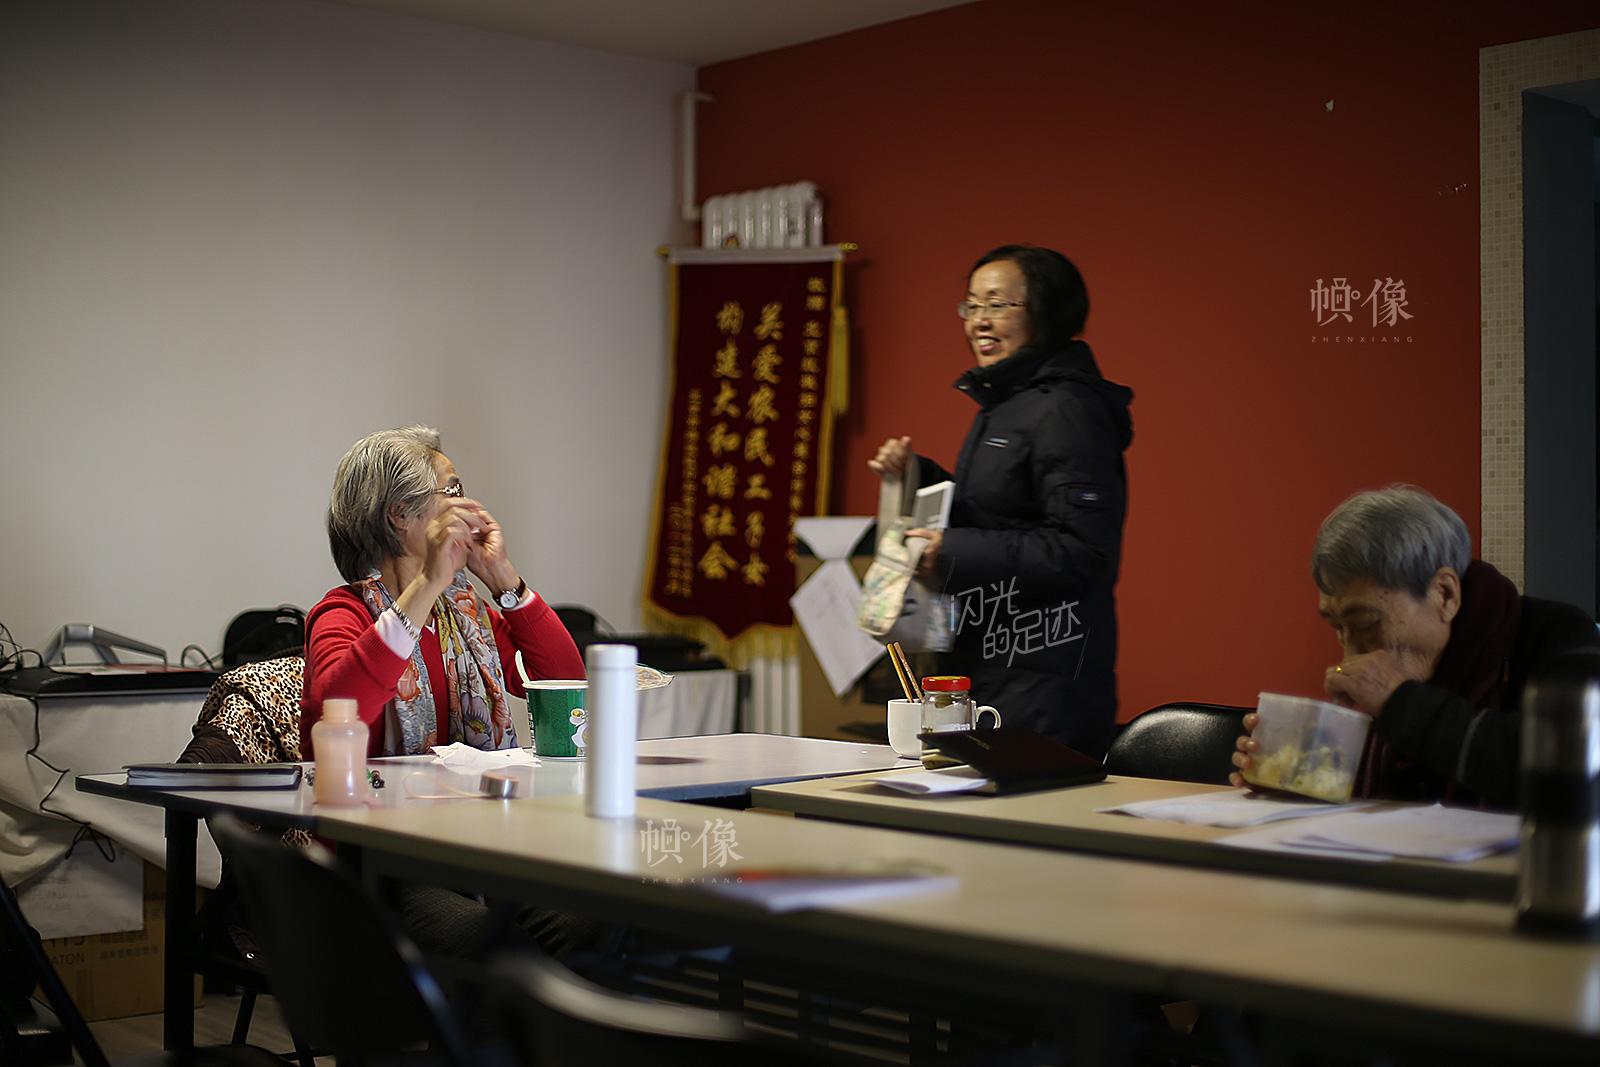 被家暴对象(左)和志愿者就课上的一些内容进行探讨。中国网记者 吴闻达 摄